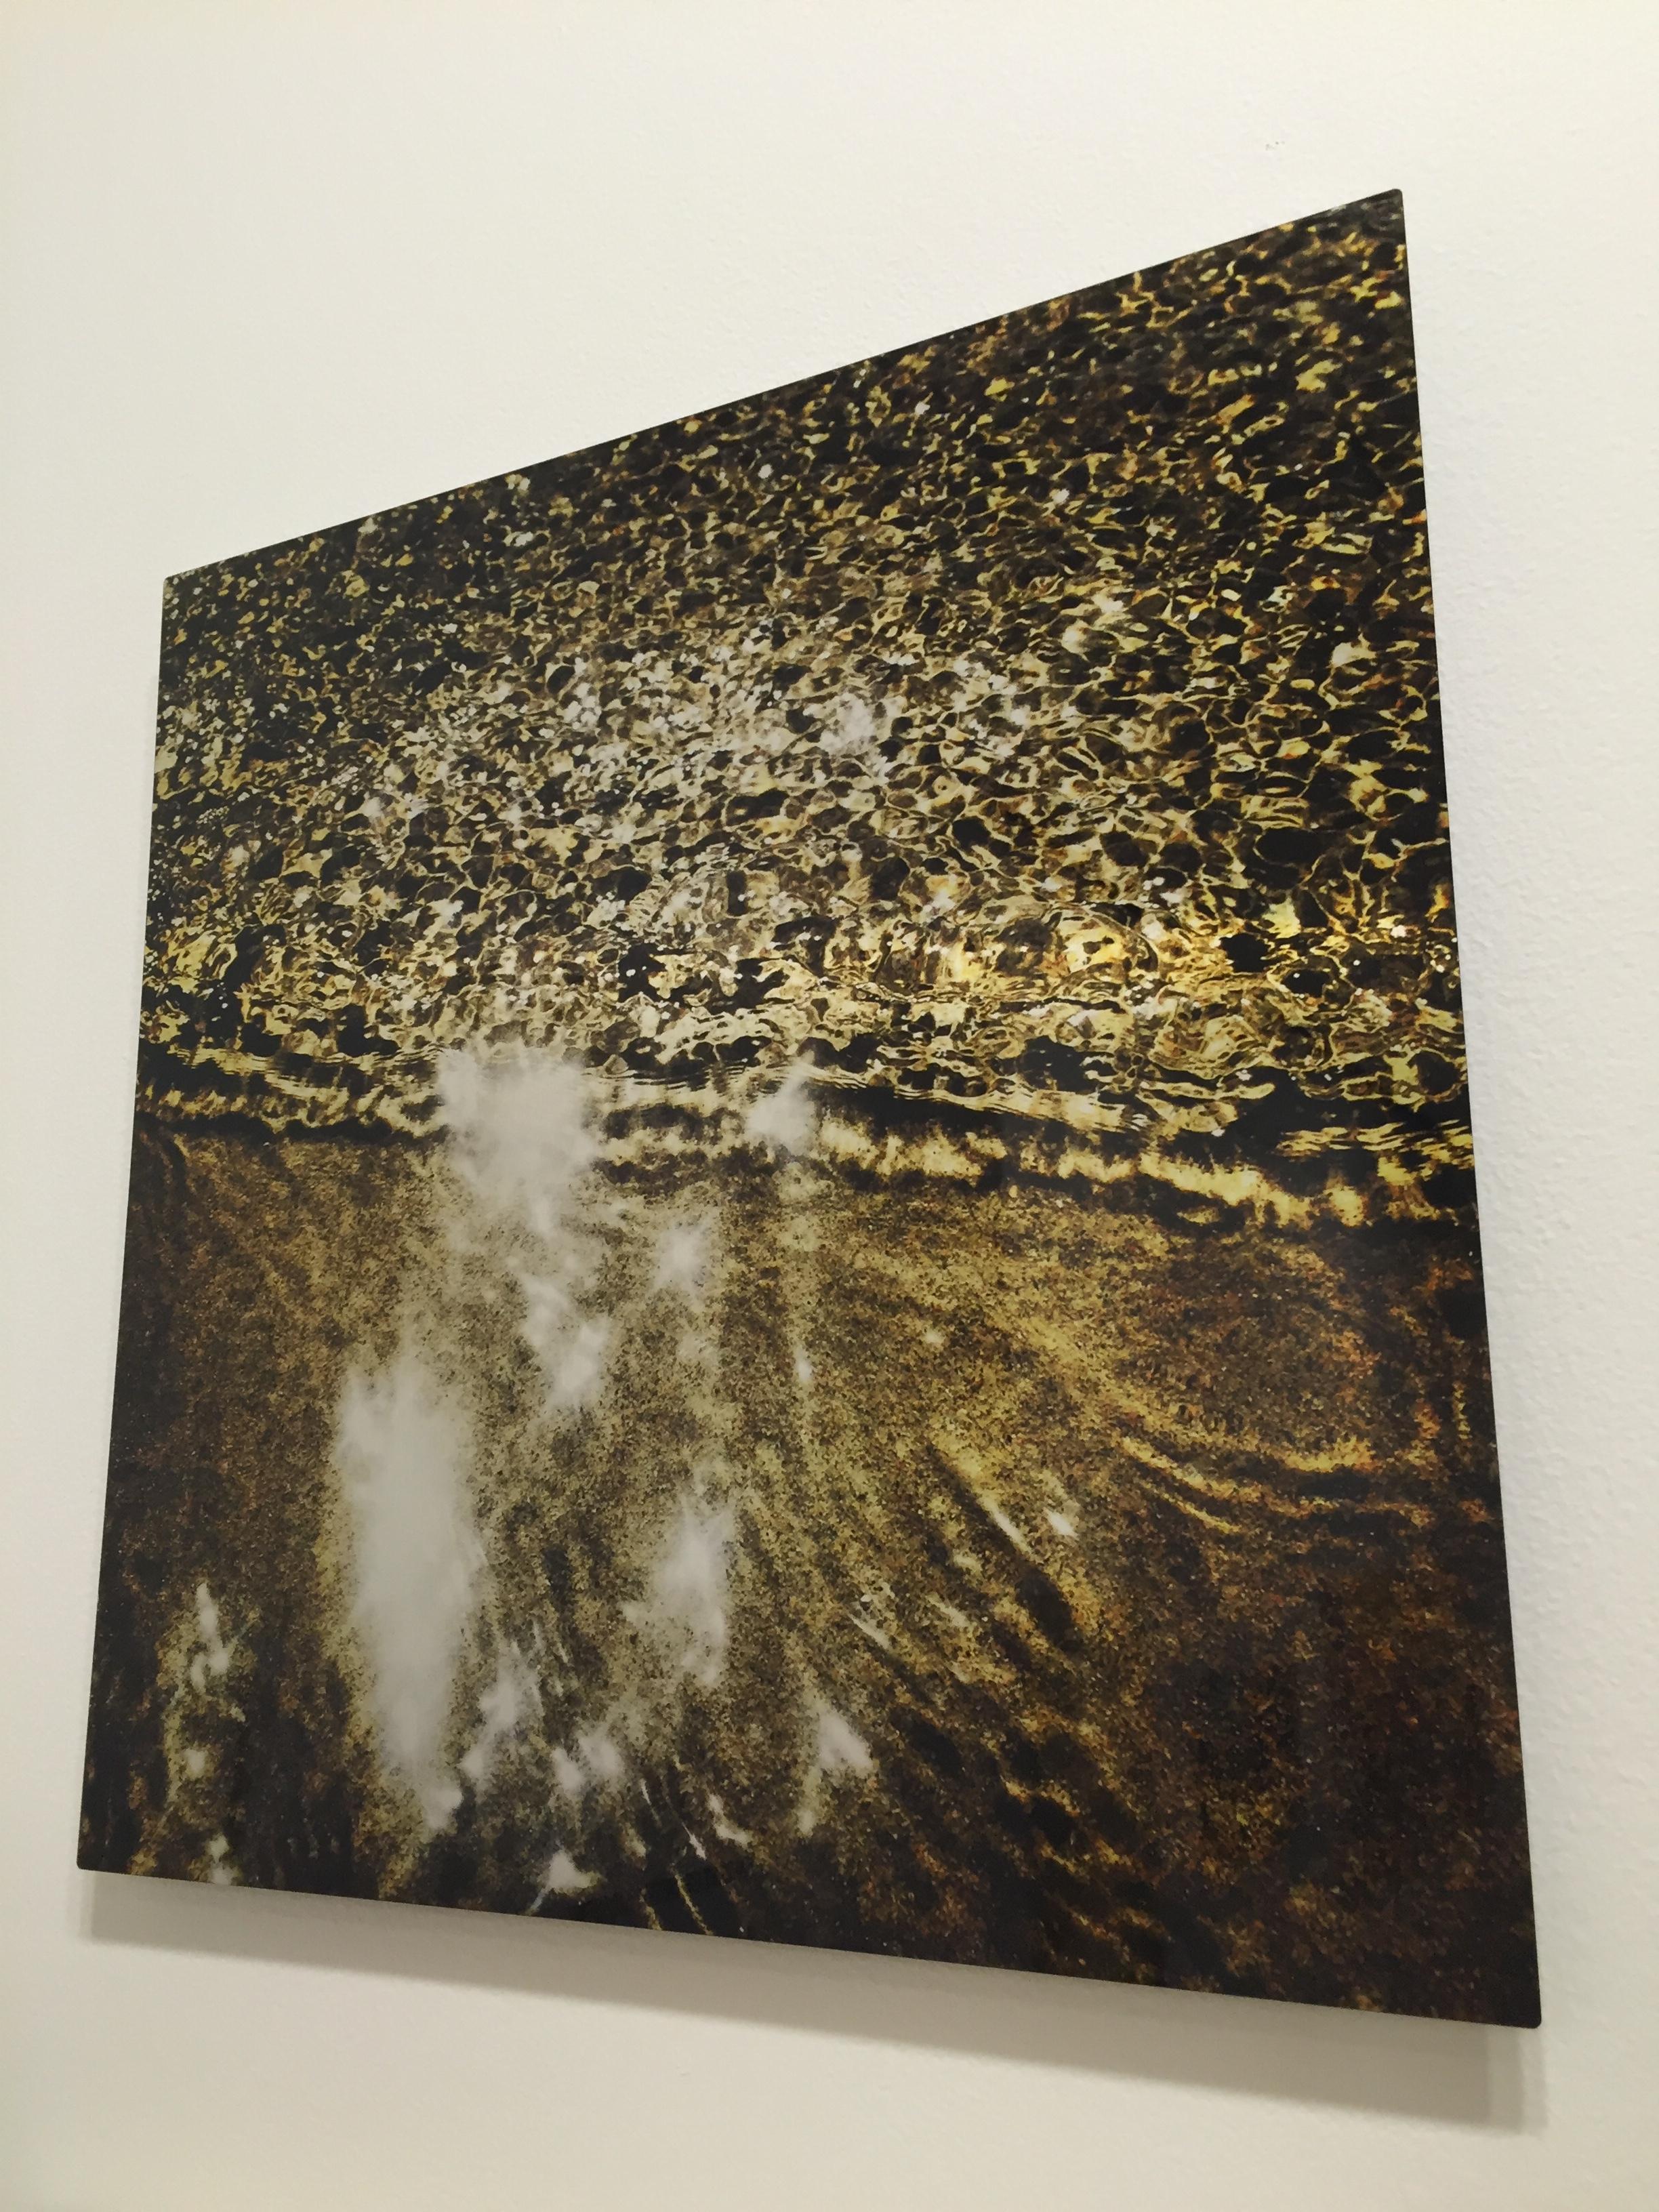 58. Golden Sand, $250